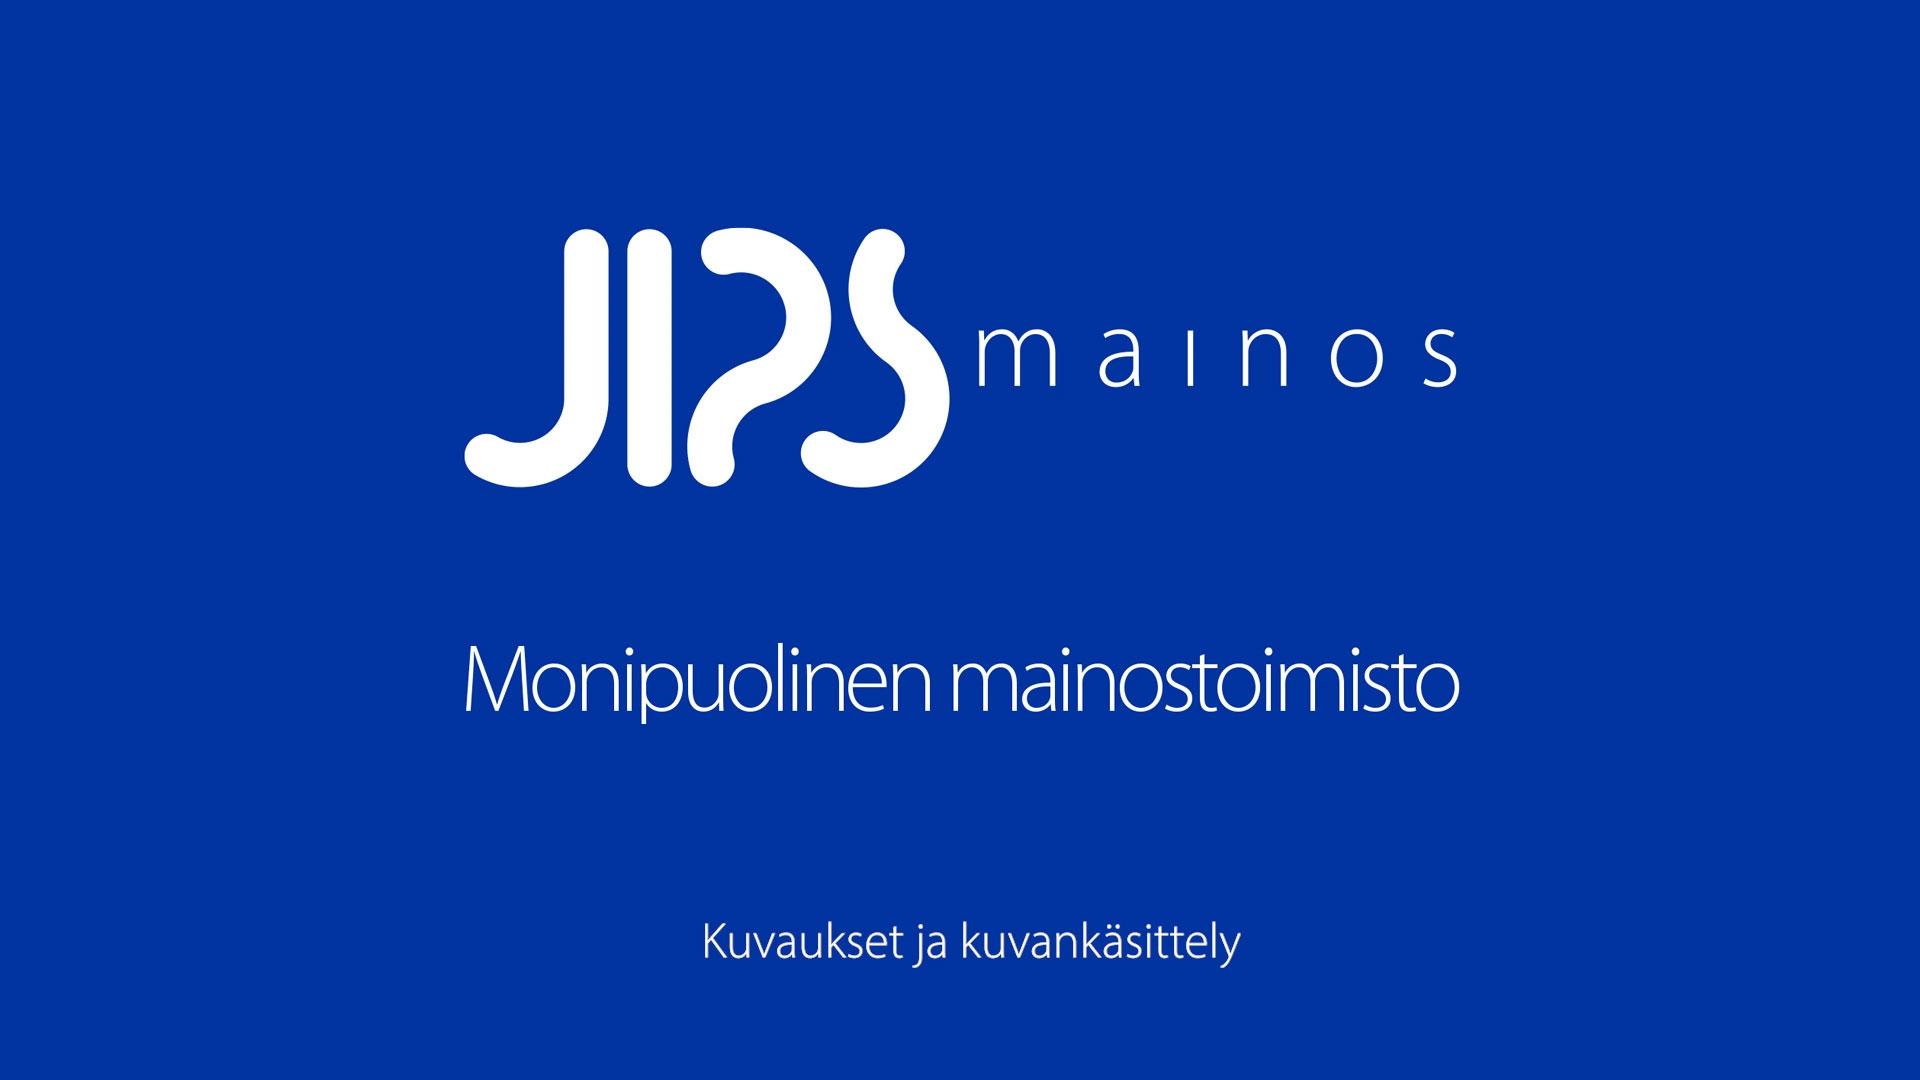 jips-kuvaukset-kuvankasittely